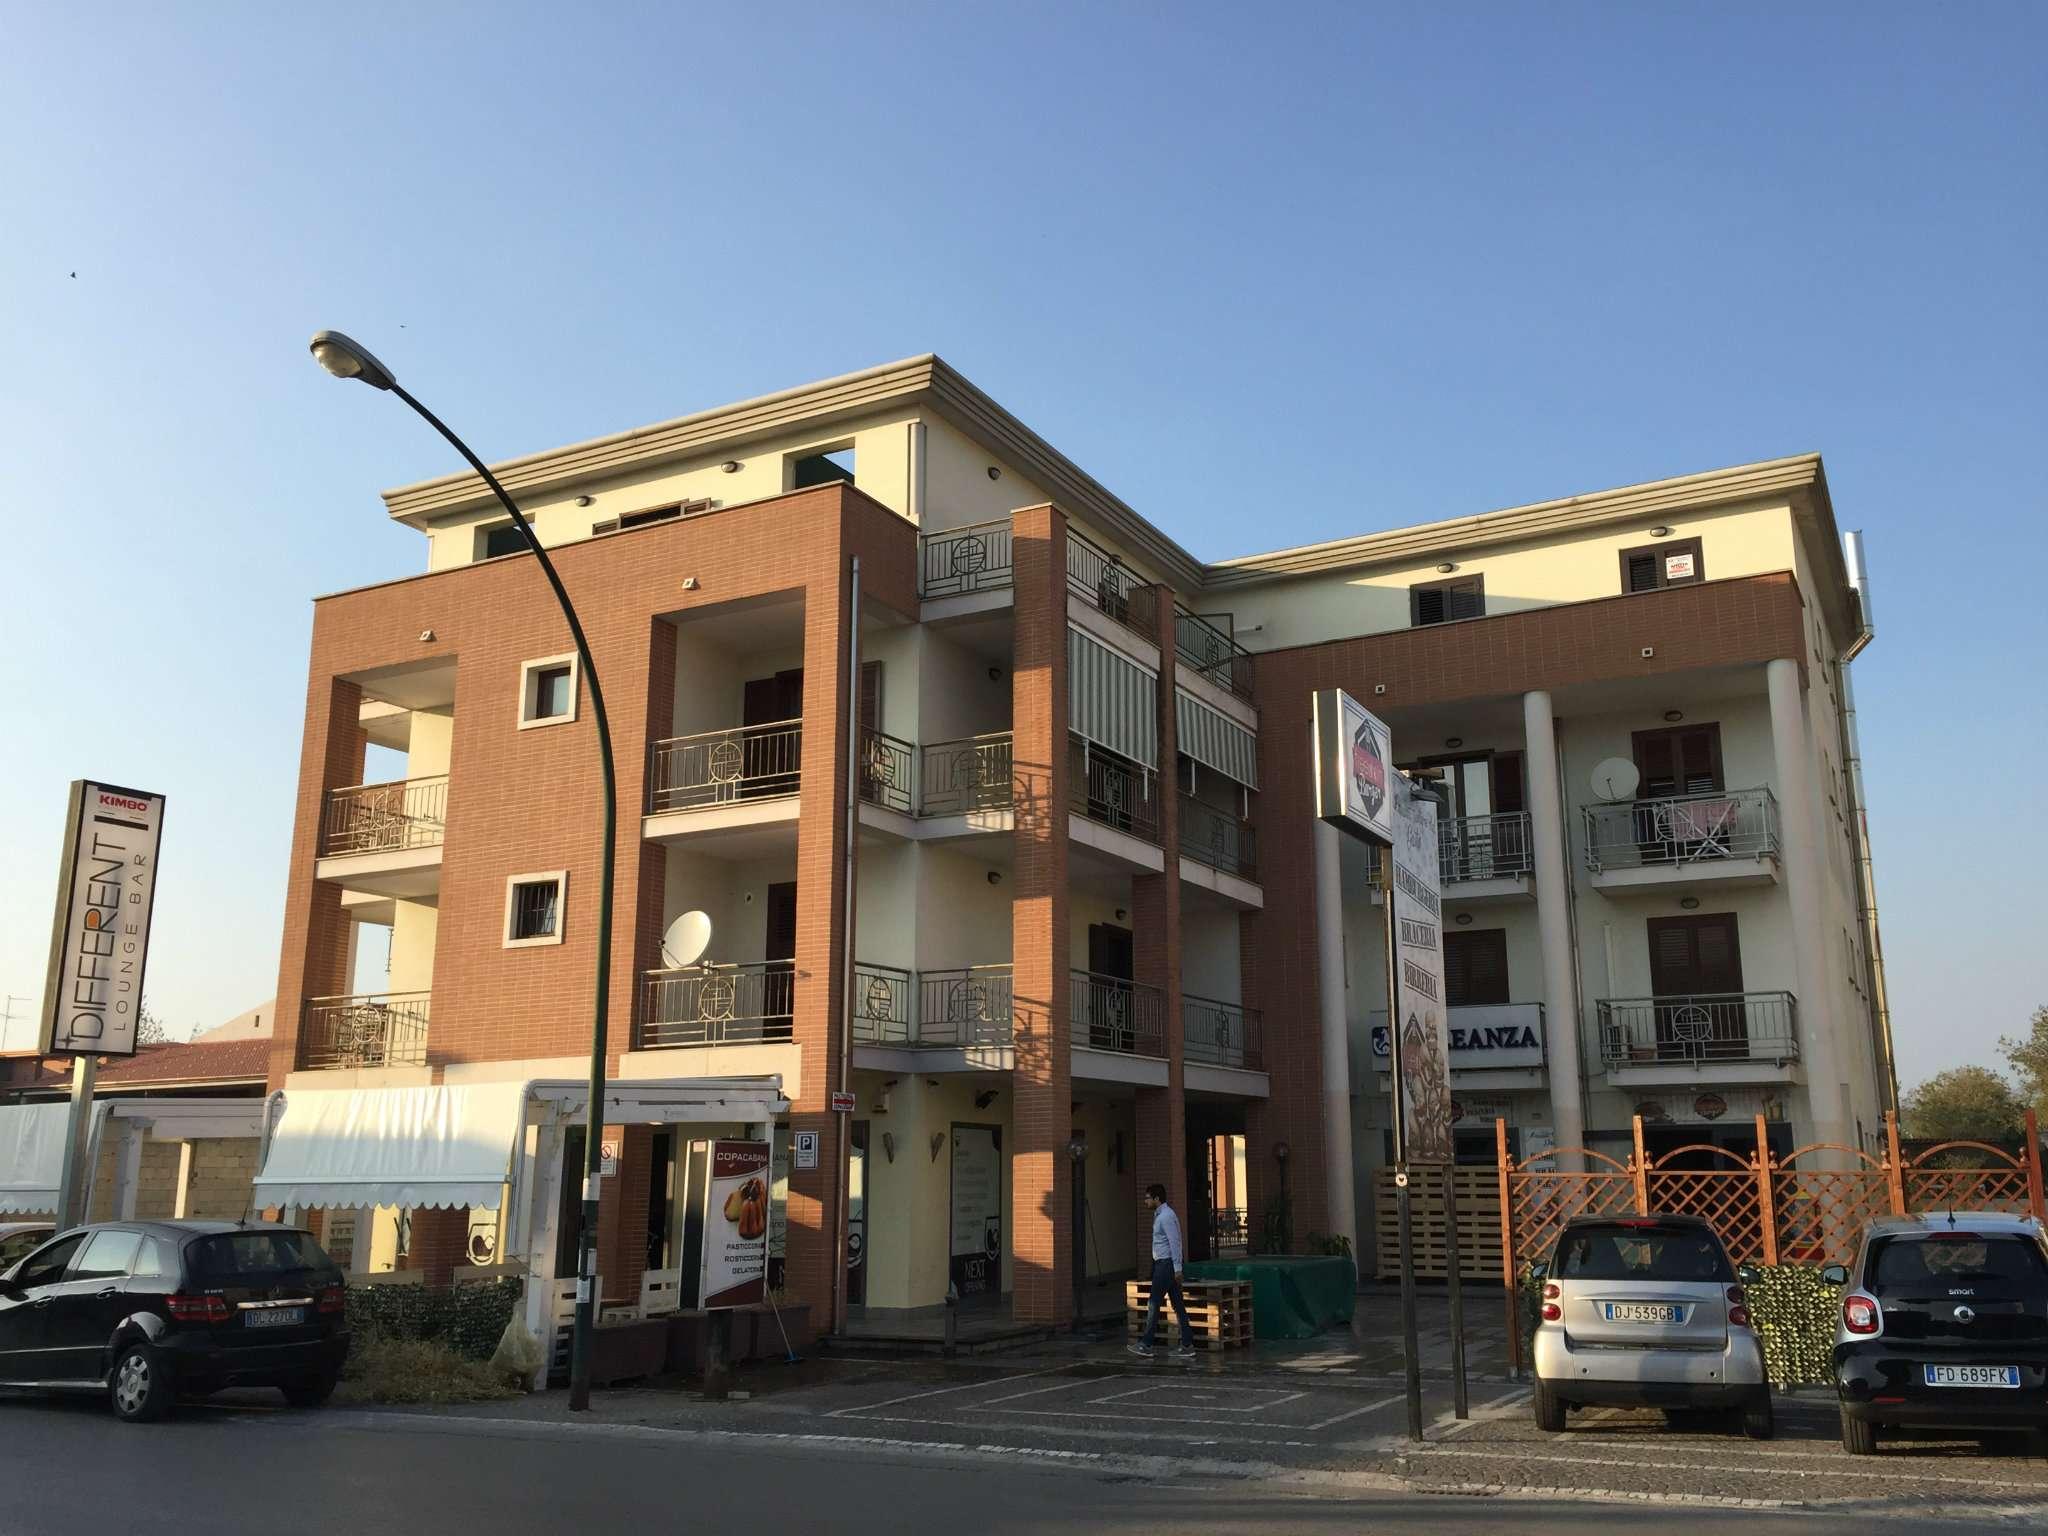 Attico / Mansarda in affitto a Capodrise, 4 locali, prezzo € 420 | CambioCasa.it